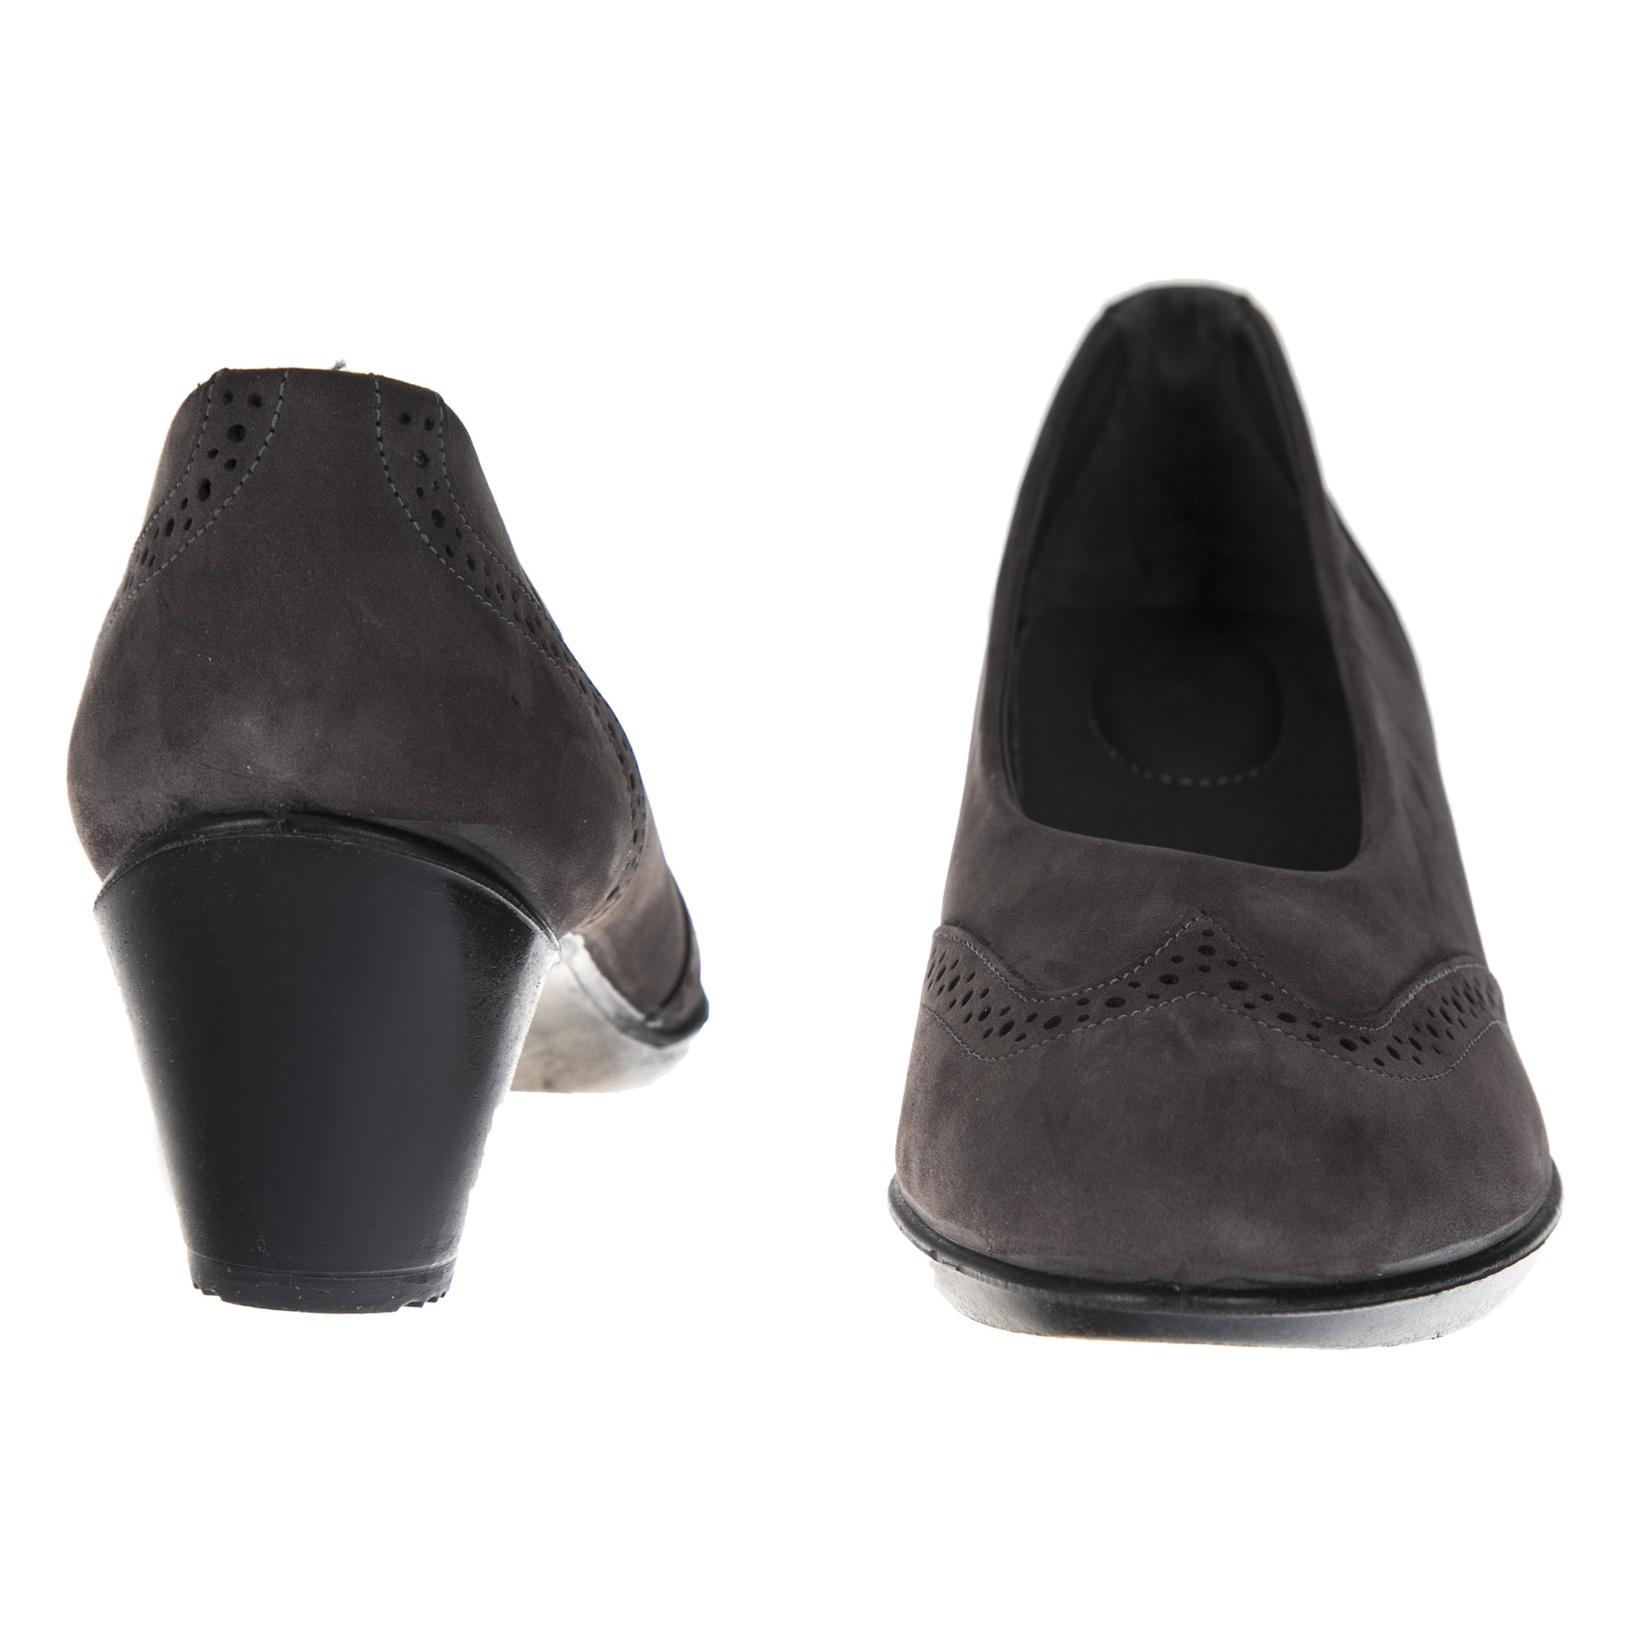 کفش زنانه دنیلی مدل 102140112201 main 1 4